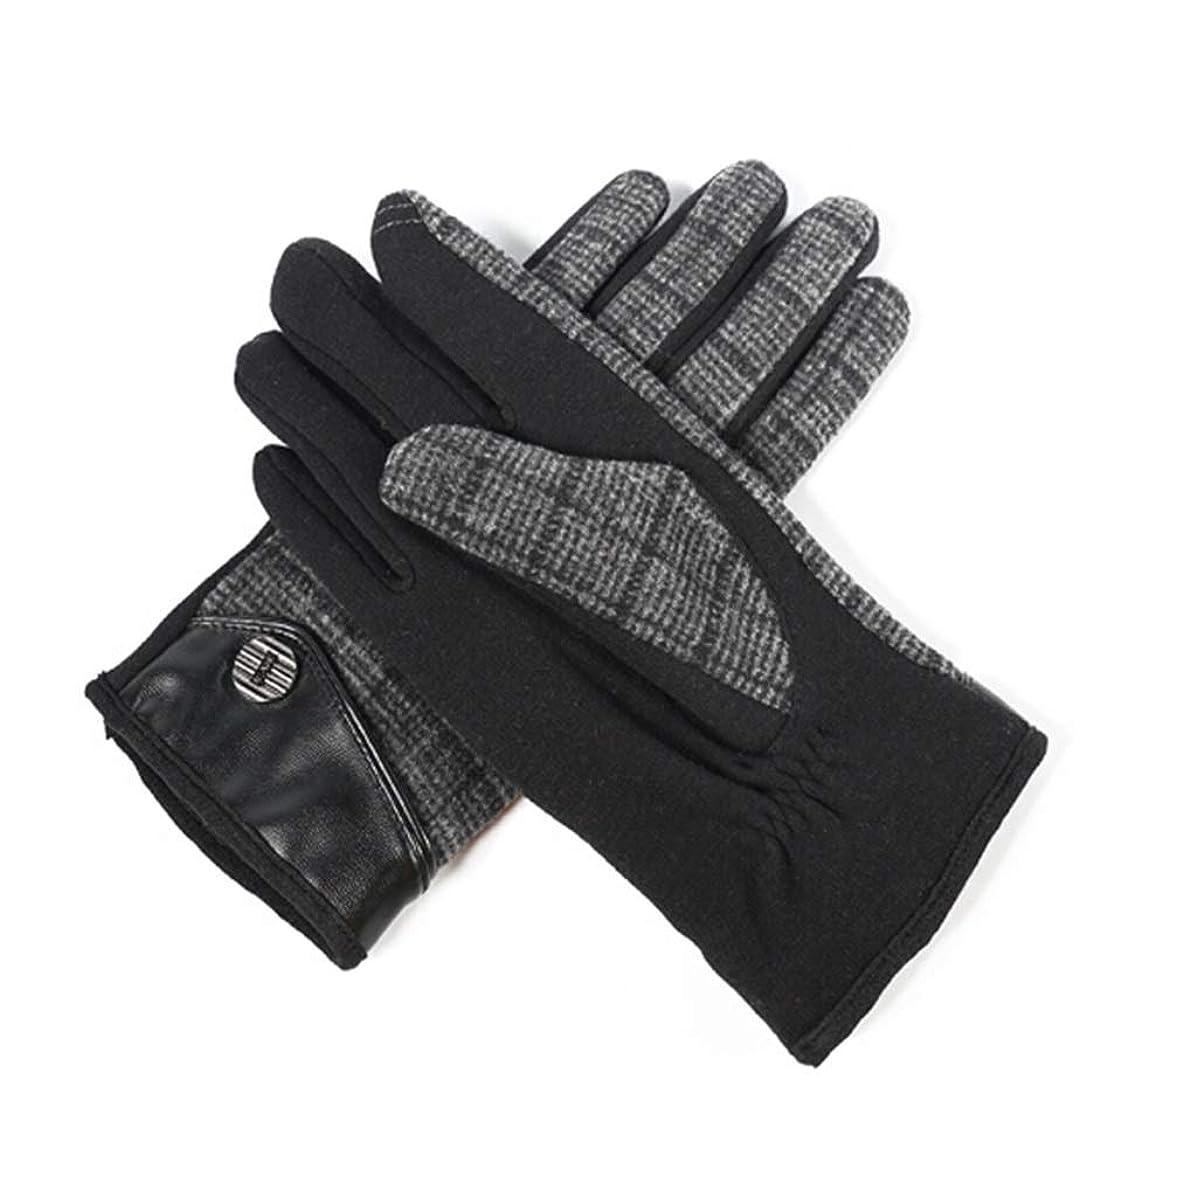 港平和な数暖かいメンズサイクリング用手袋を保つための男性用手袋プラスベルベットの秋冬用手袋